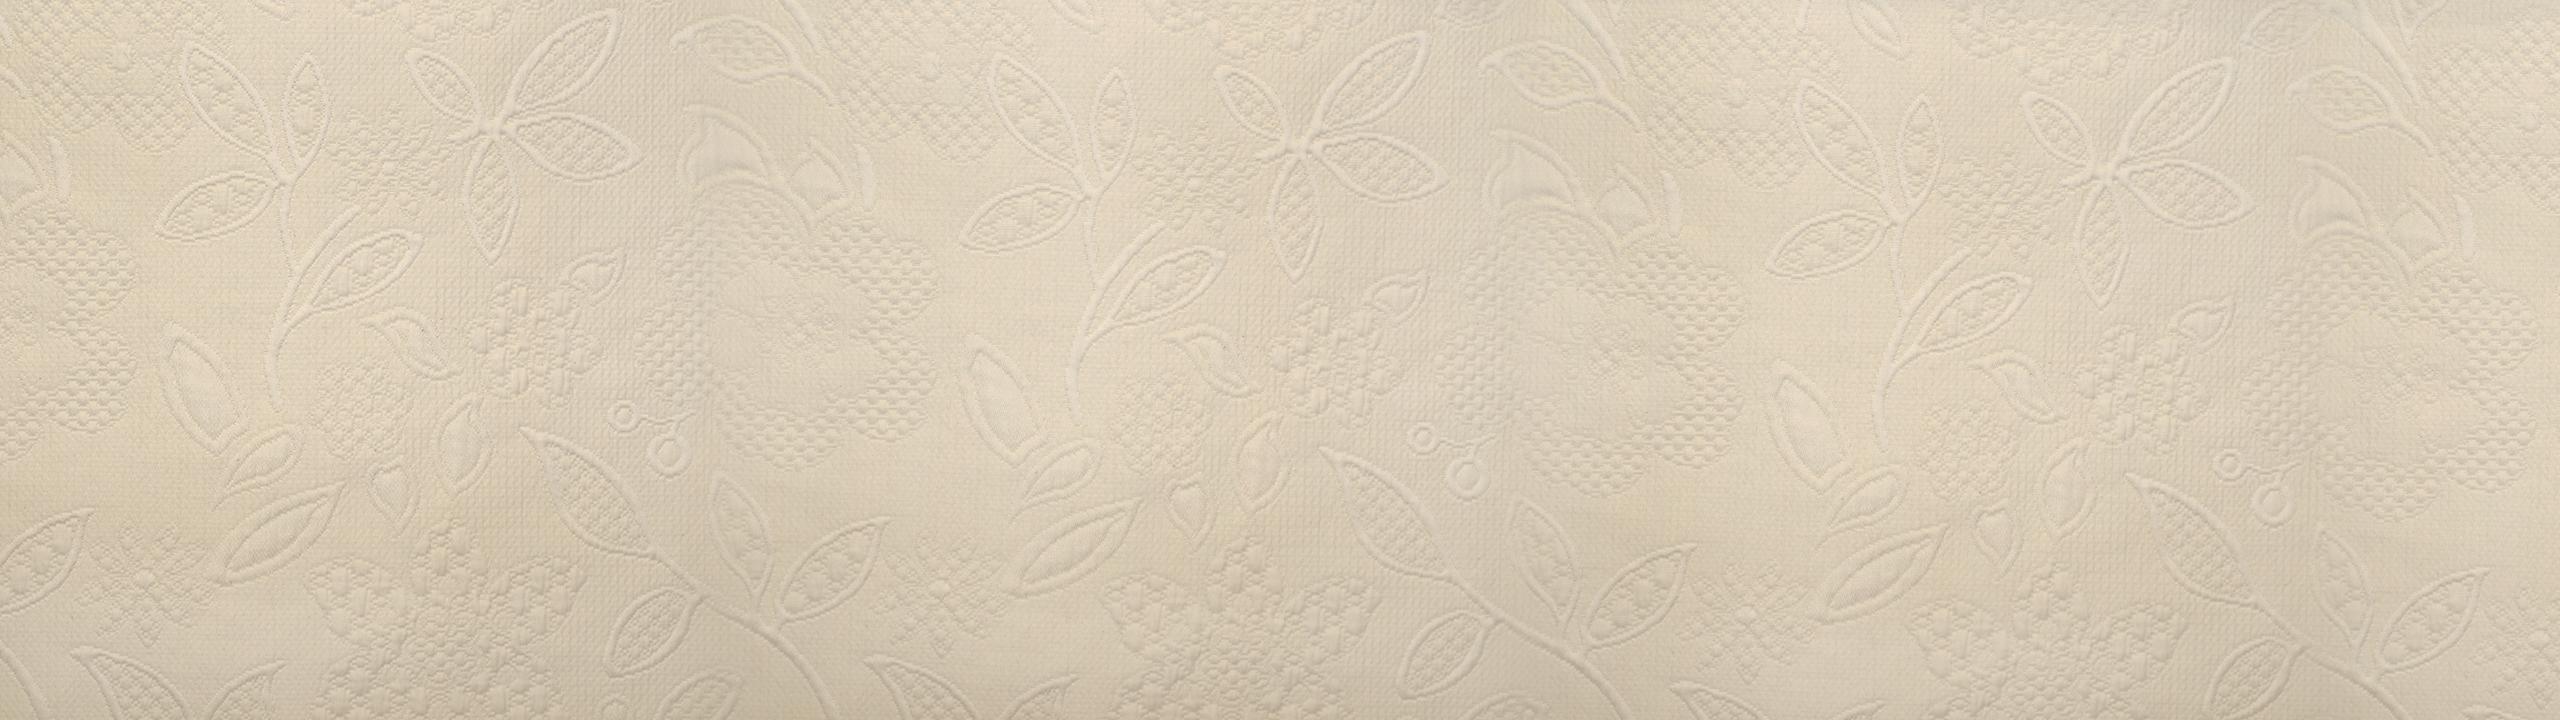 Bianco-Never-504-06